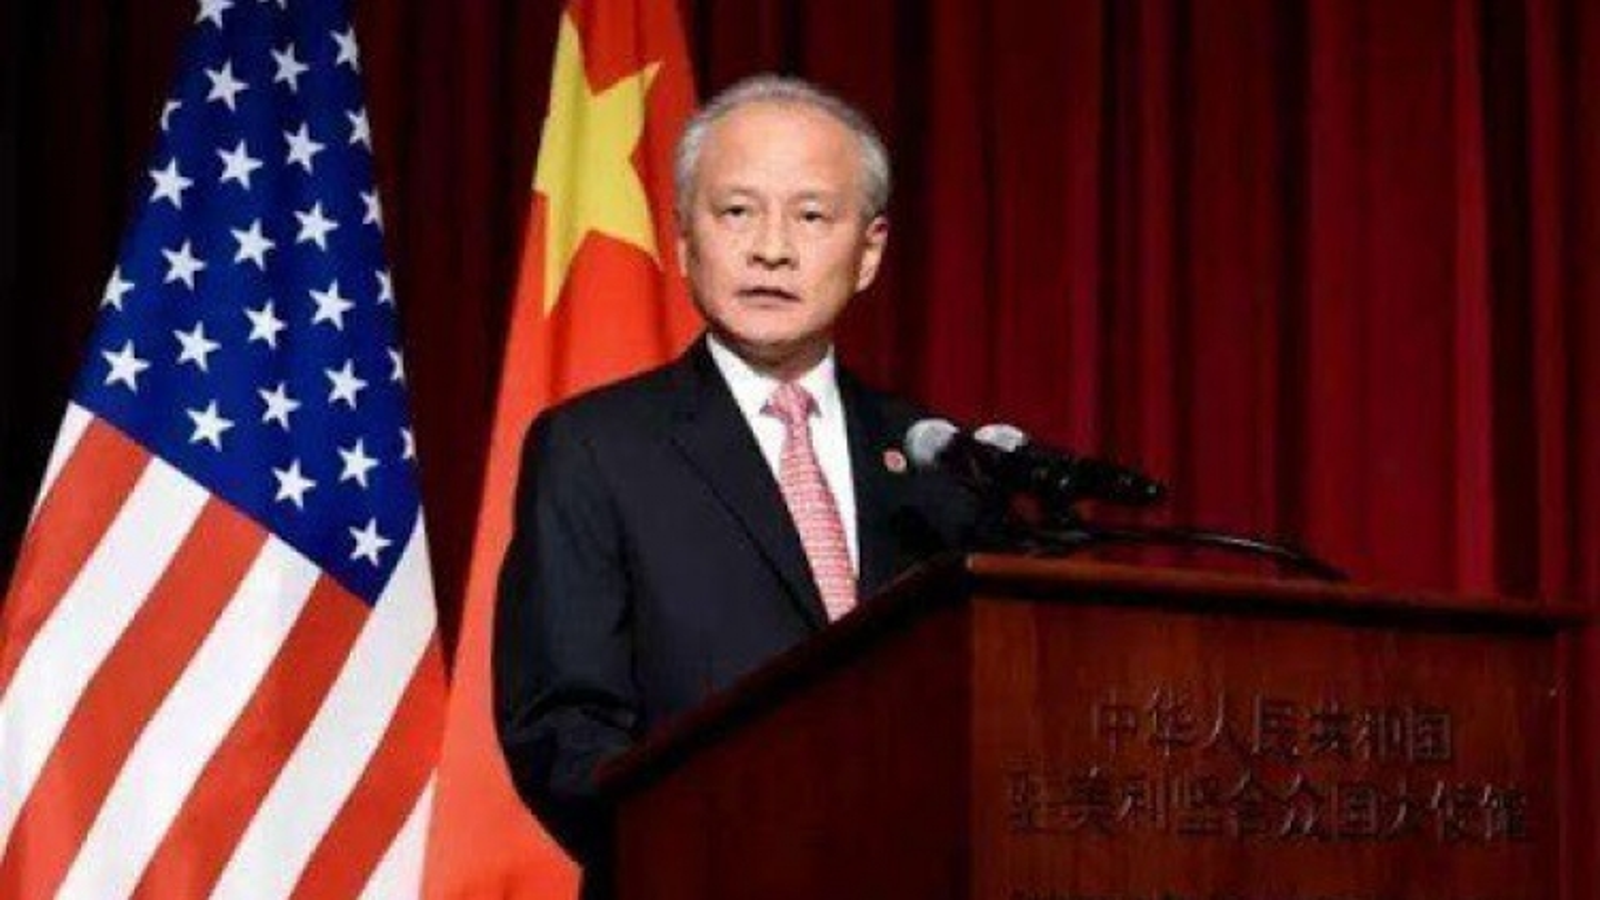 Trung Quốc tuyên bố không đợi bầu cử Mỹ, sẵn sàng hợp tác với Mỹ